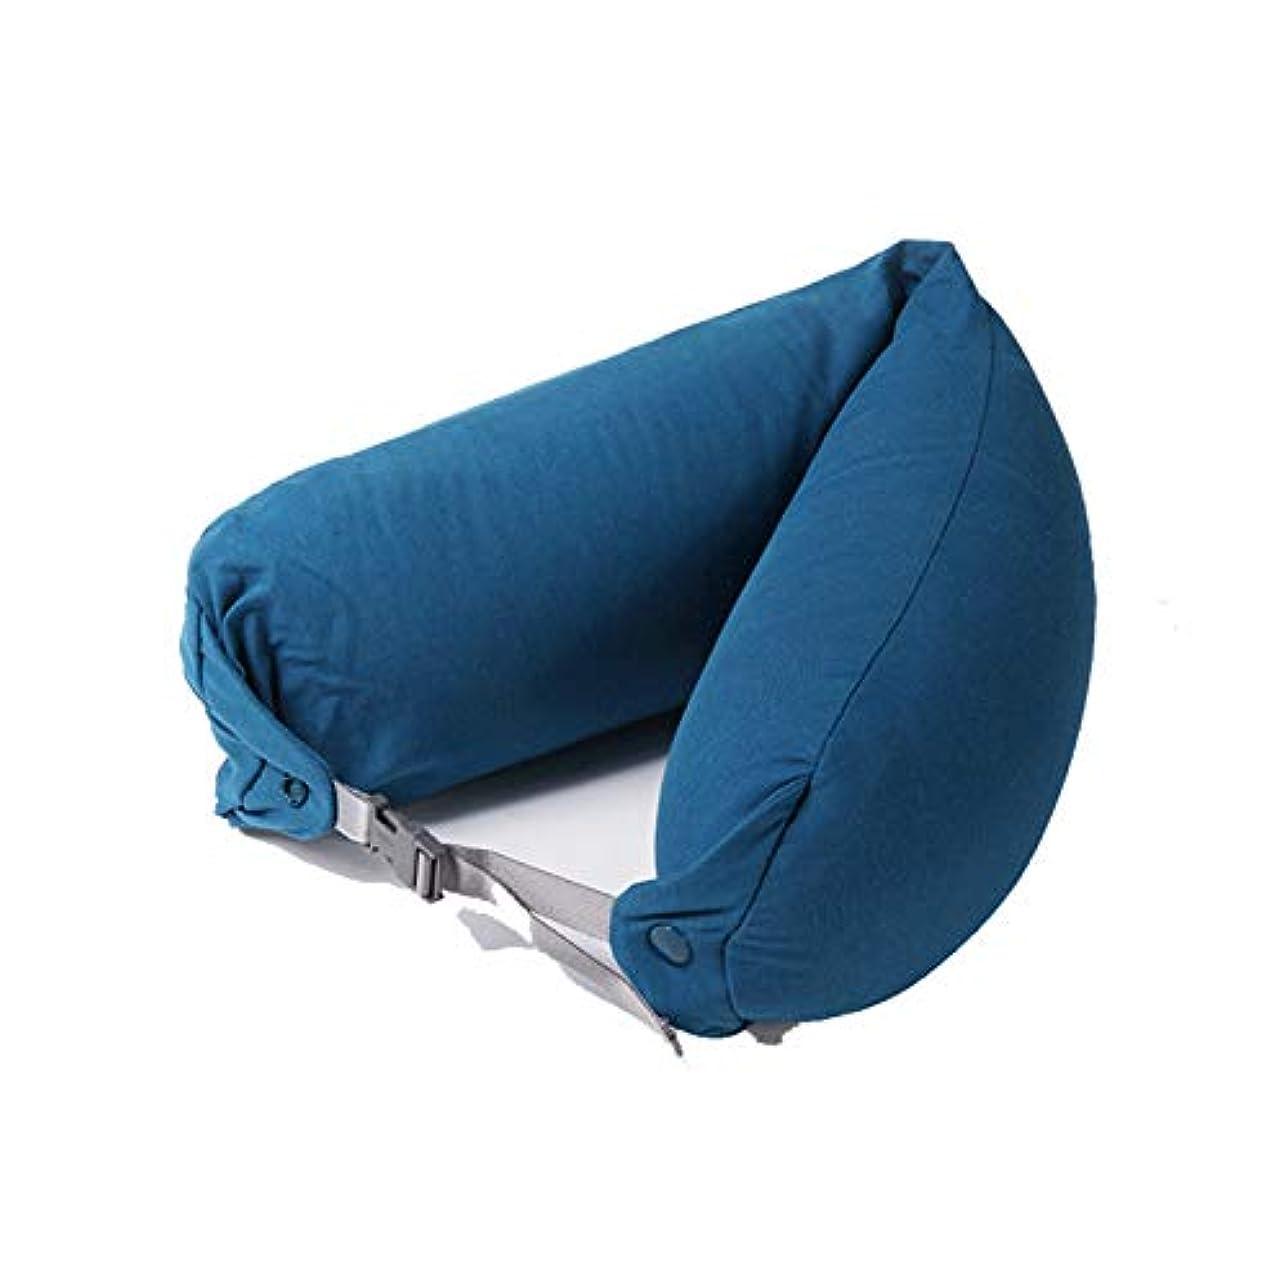 無意識道徳の鉄SMART ホームオフィス背もたれ椅子腰椎クッションカーシートネック枕 3D 低反発サポートバックマッサージウエストレスリビング枕 クッション 椅子